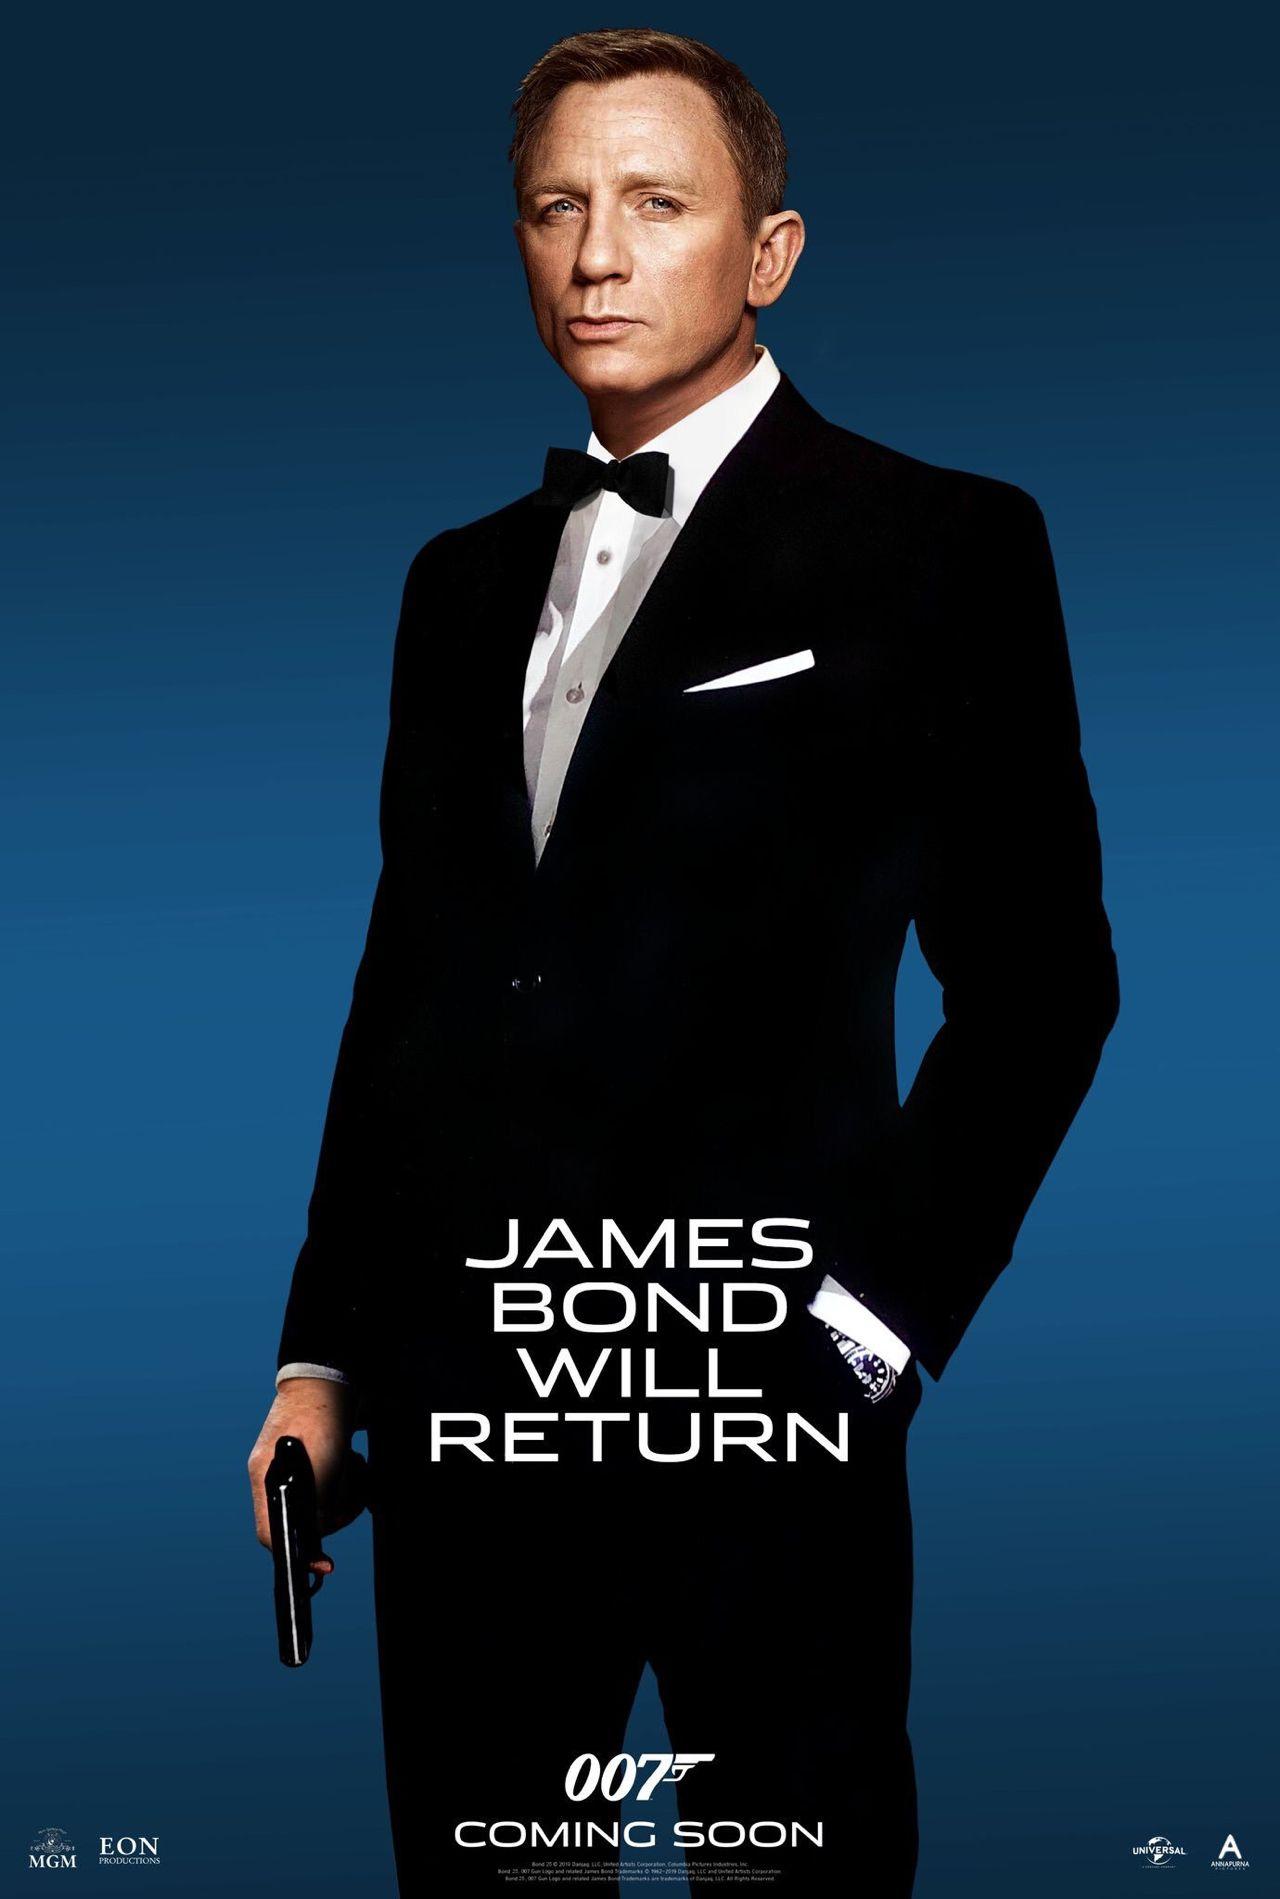 Epingle Par Shabdbeej Sur Daniel Craig Casino Royale Actrice James Bond